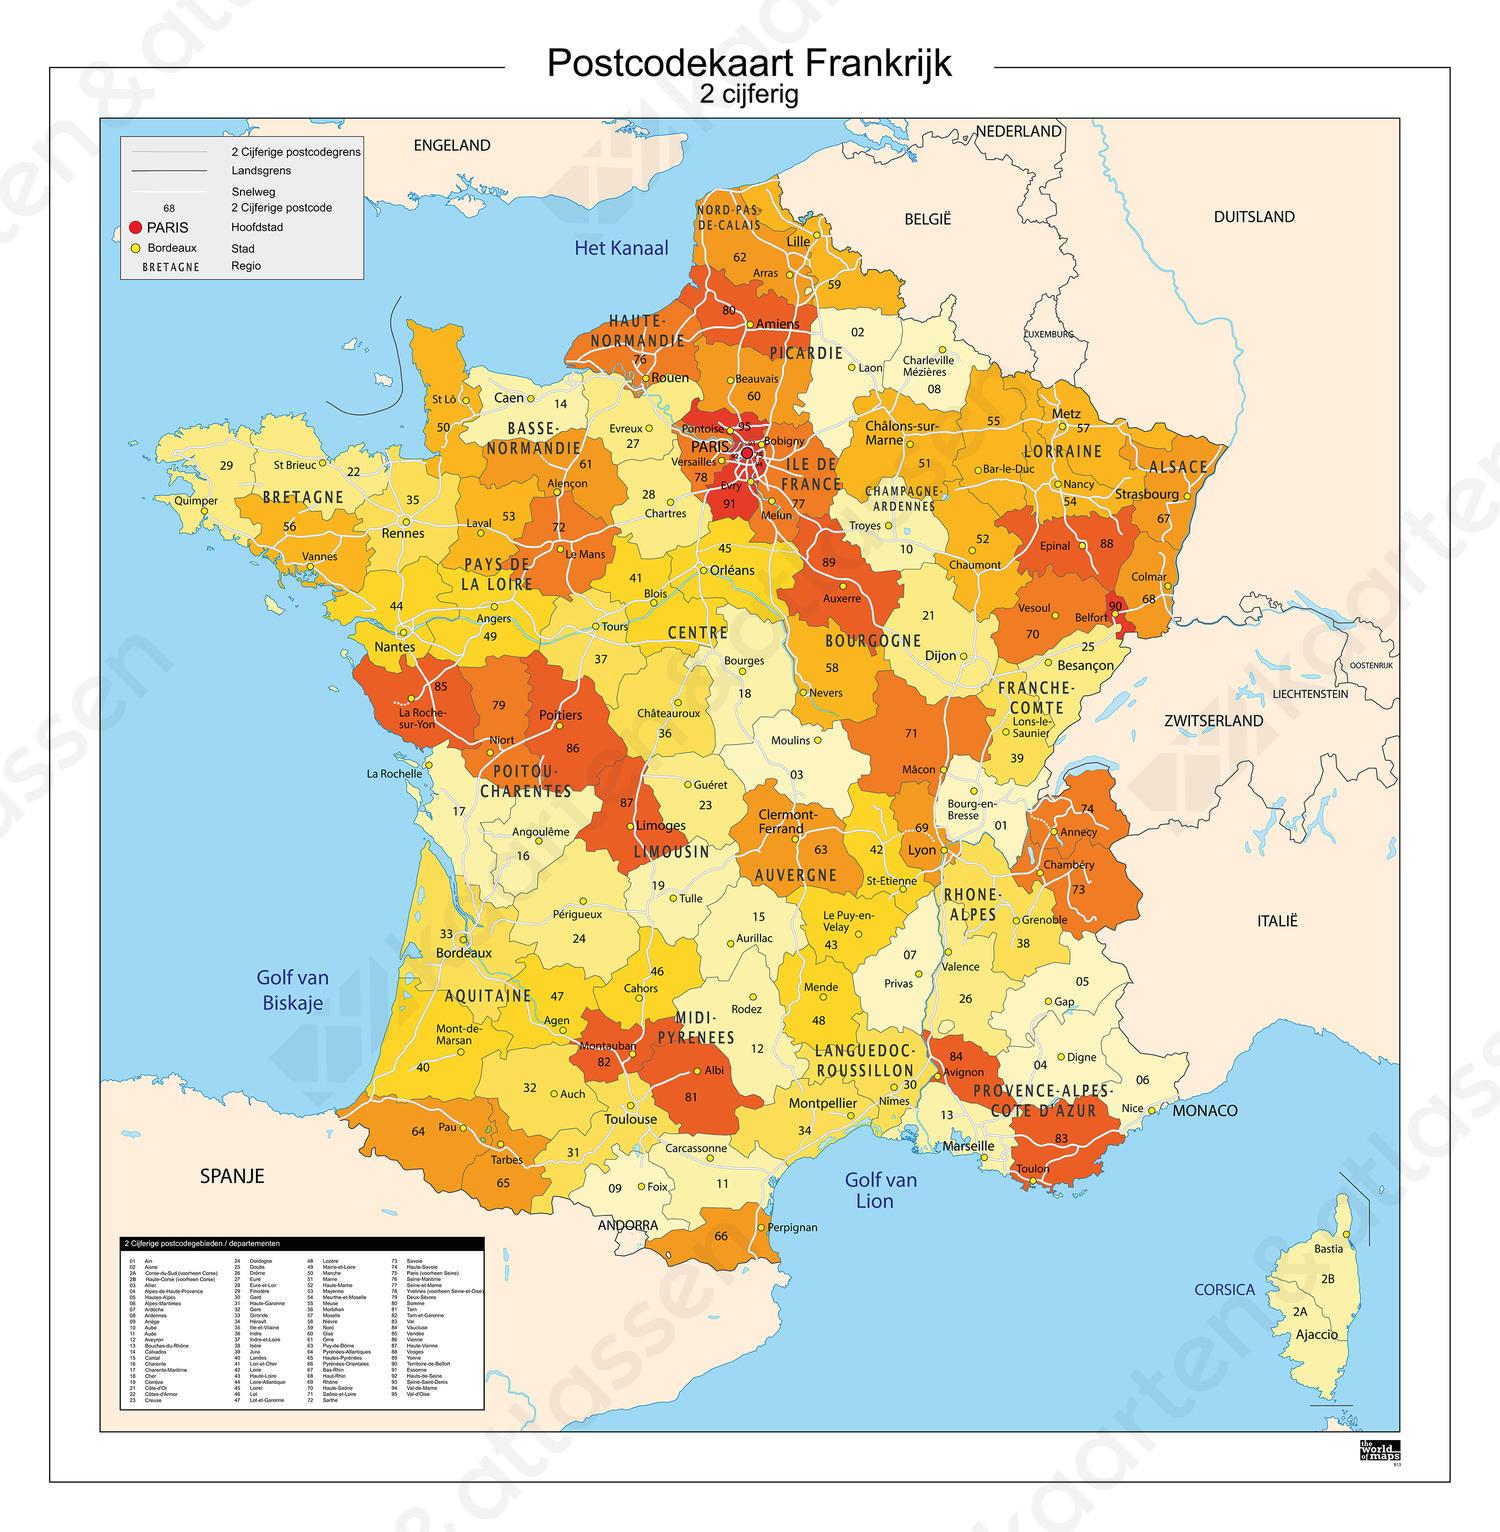 Digitale 2 Cijferige Postcodekaart Frankrijk 813 Kaarten En